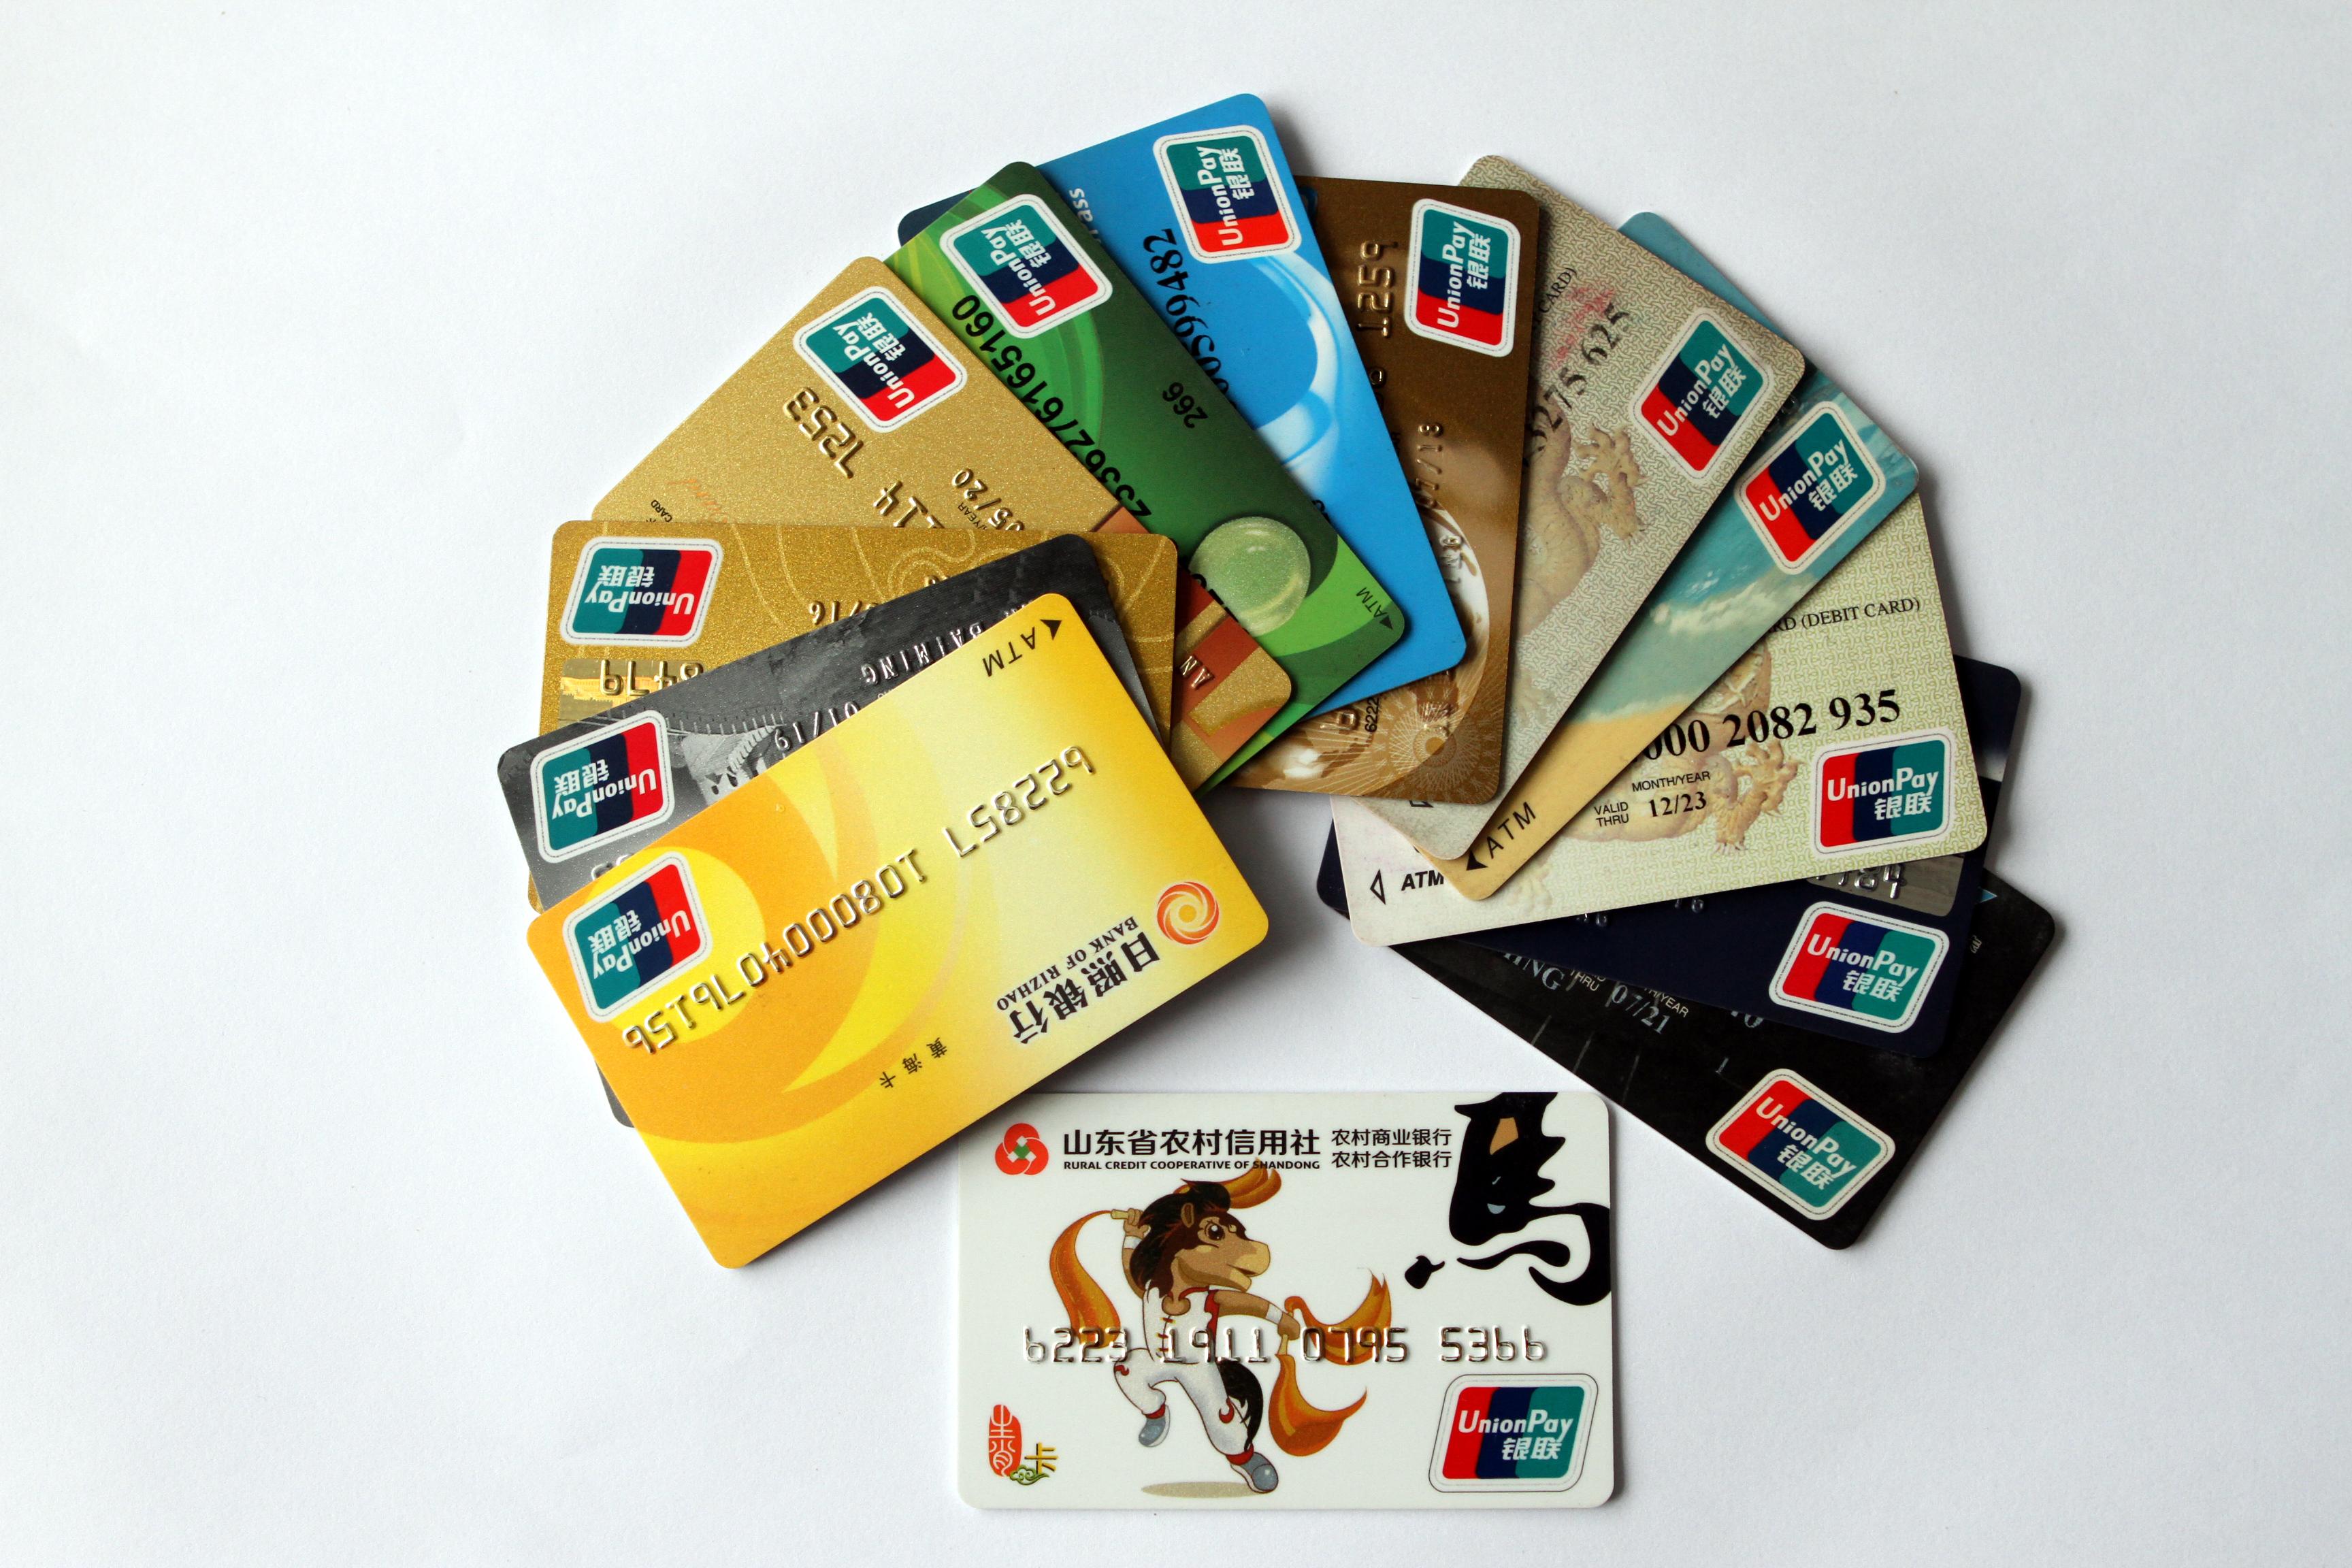 信用卡被封是什么导致的,这种情况遇到过吗?